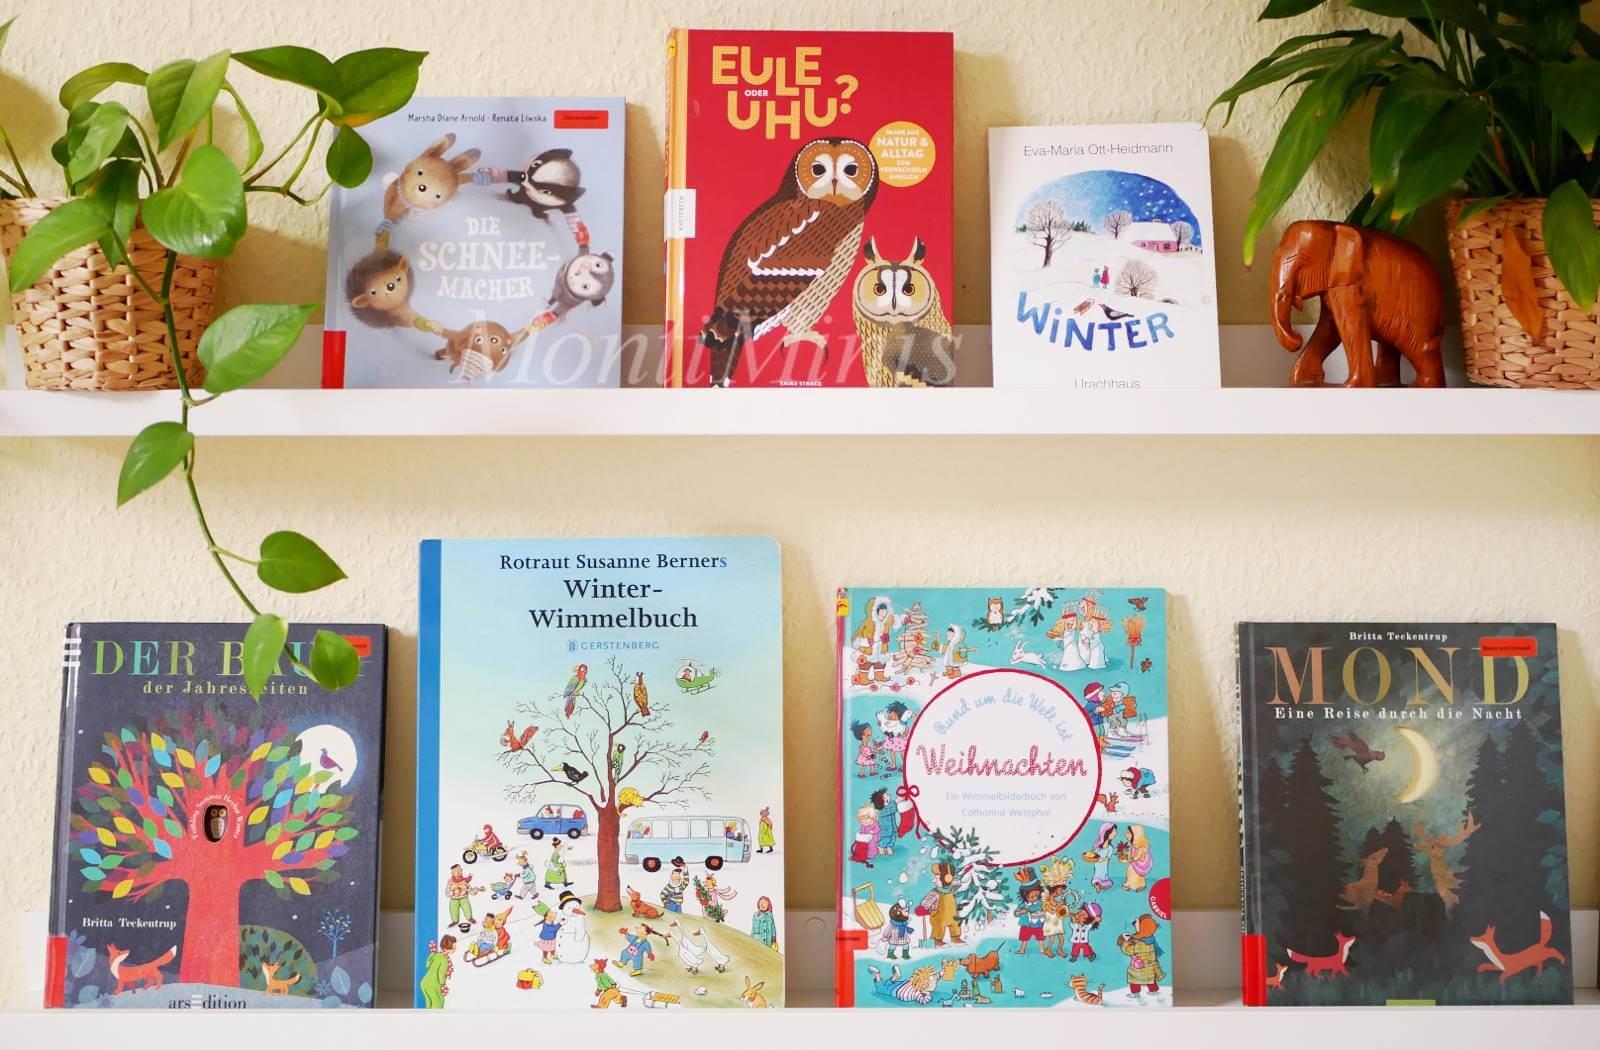 Wir lesen gerade…Ende November, der Winter hält Einzug